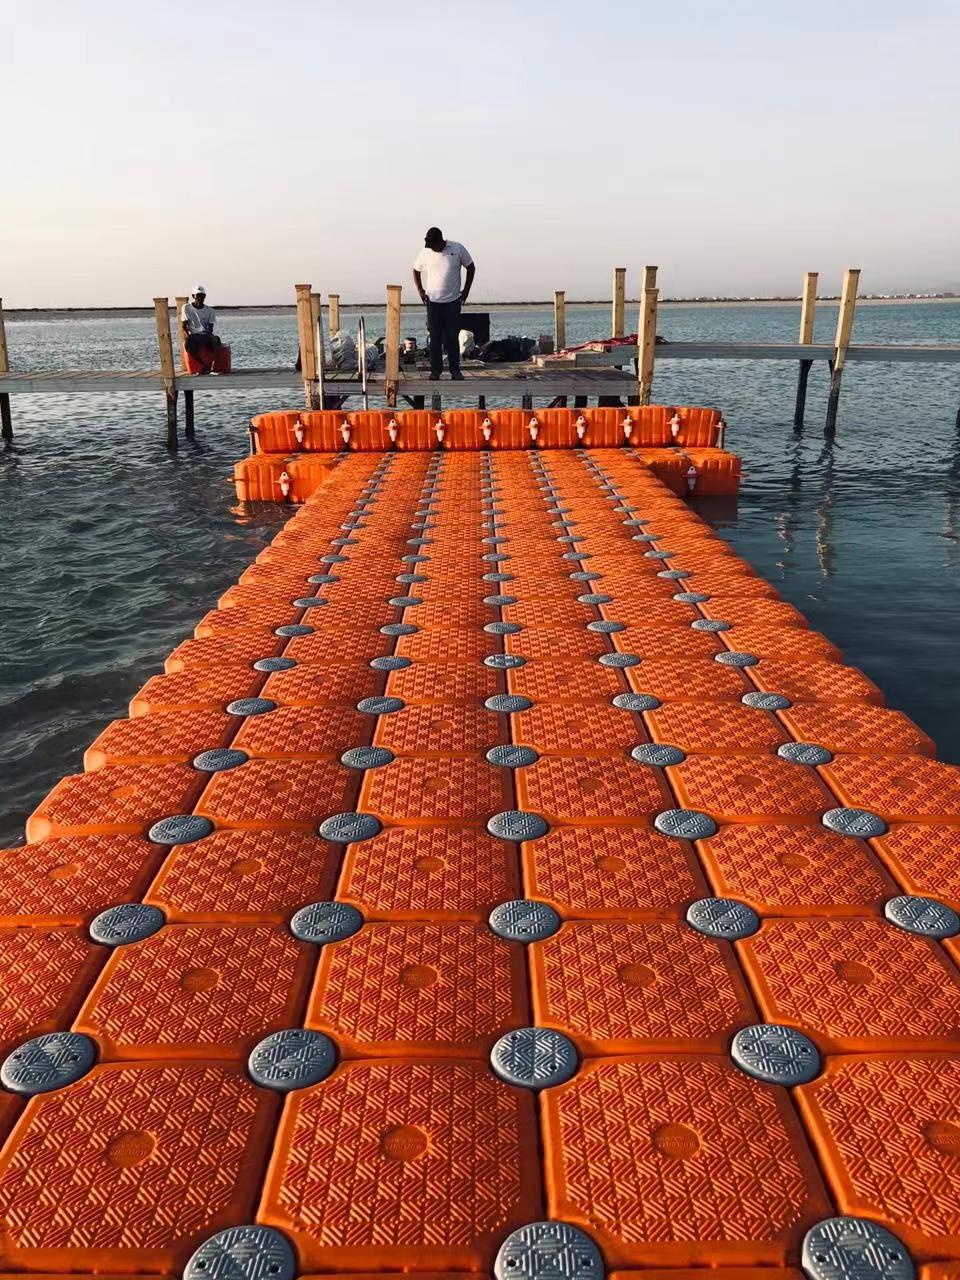 Water work platform